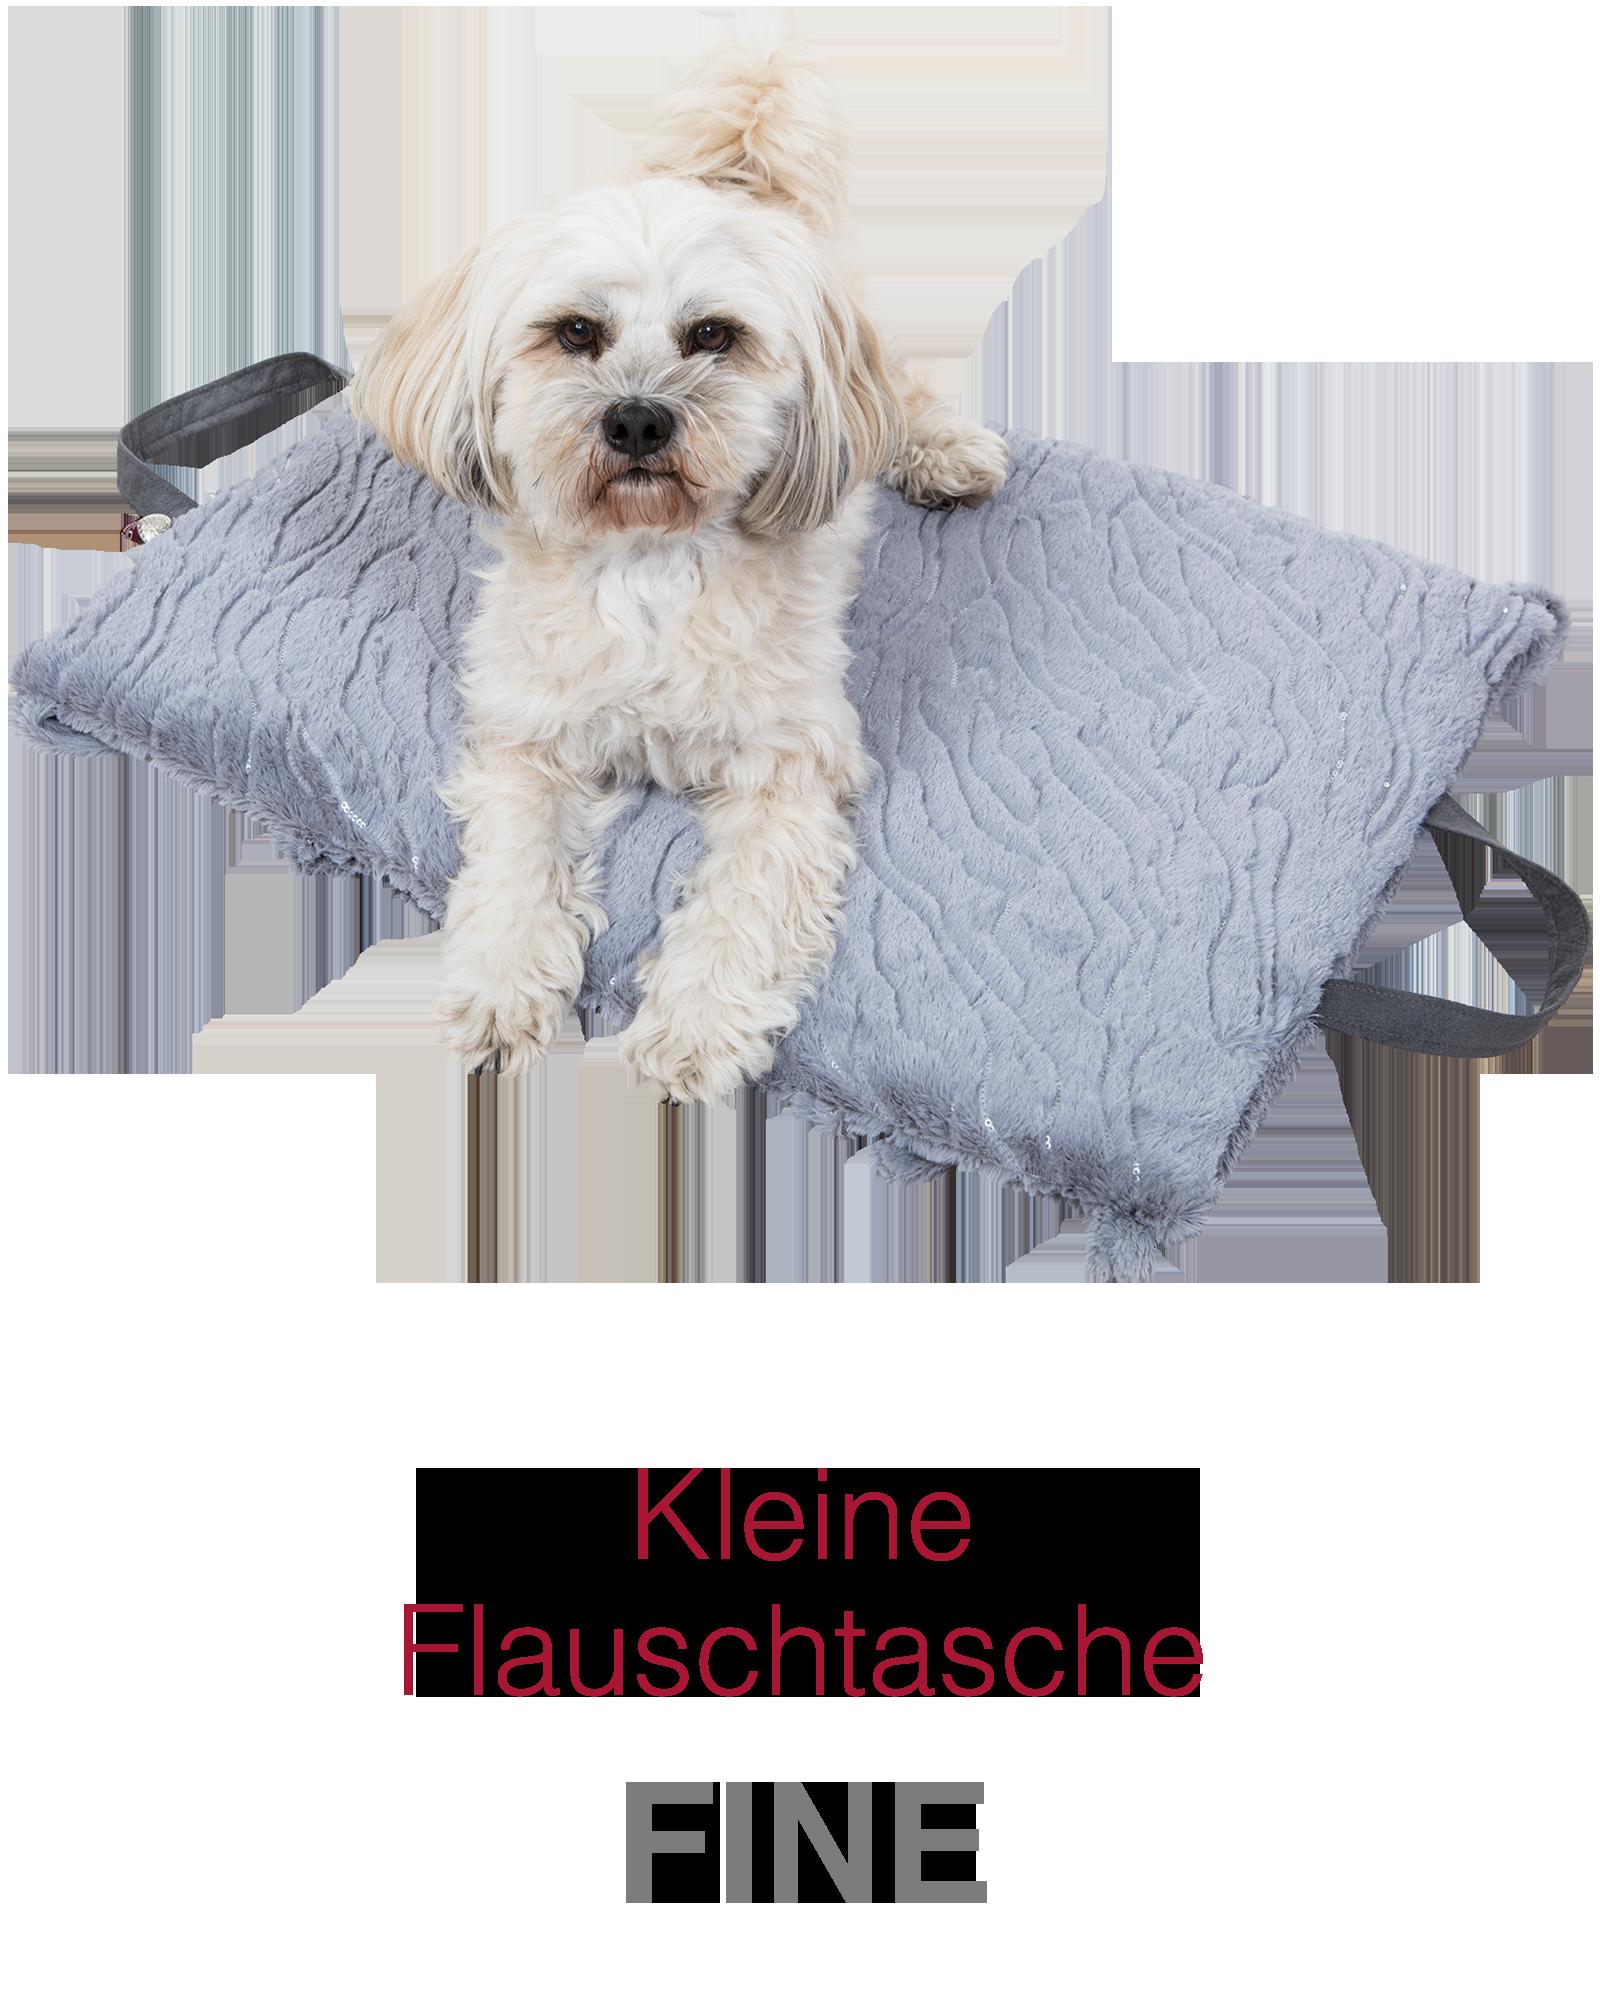 Fine – kleiner Hund, großer Beschützer